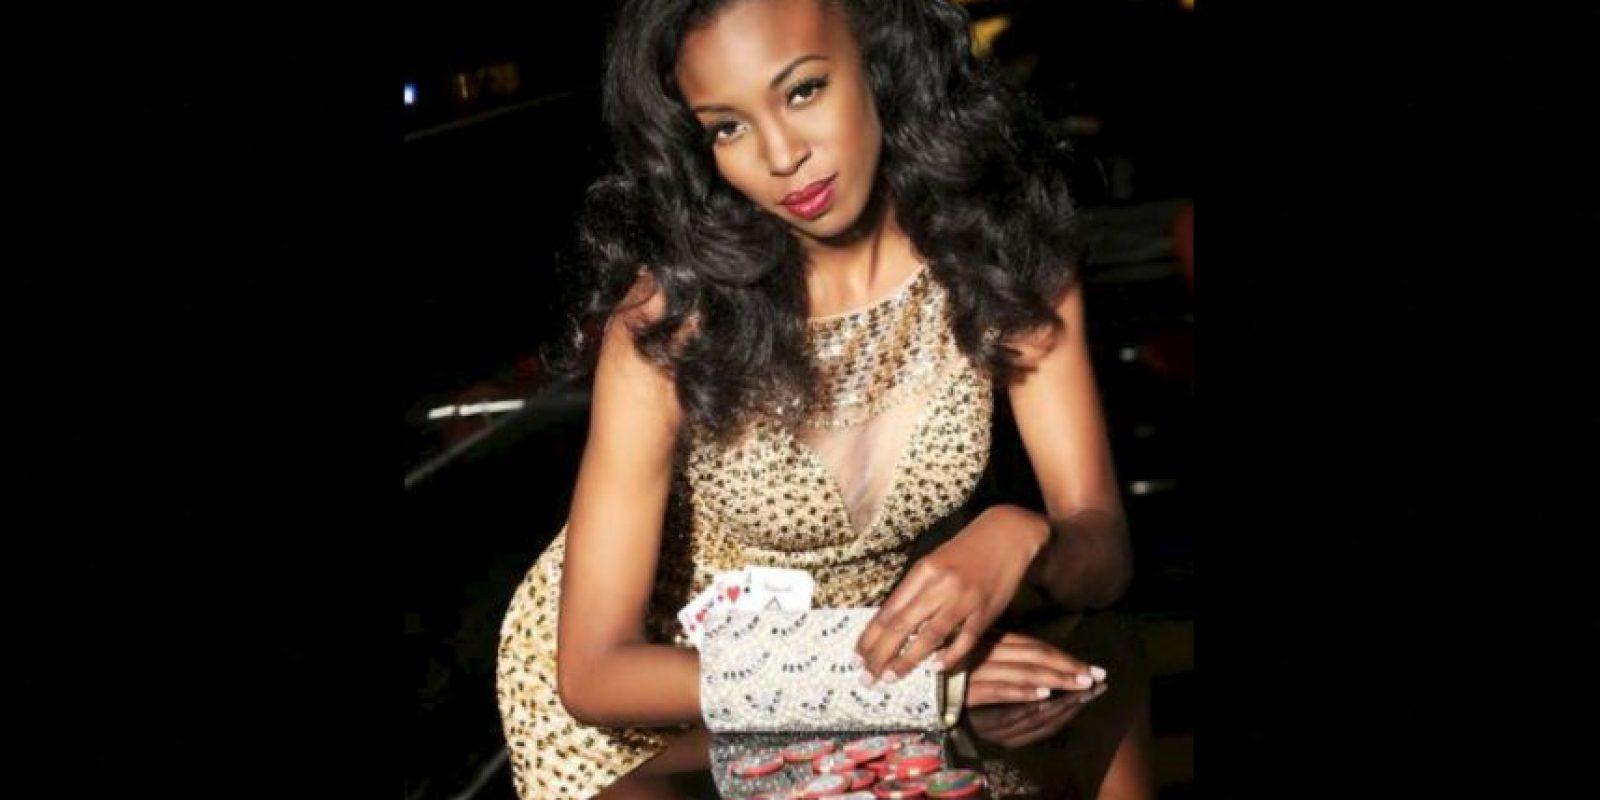 dorya Baly es Miss Islas Vírgenes Británicas Foto:Facebook.com/MissUniverse